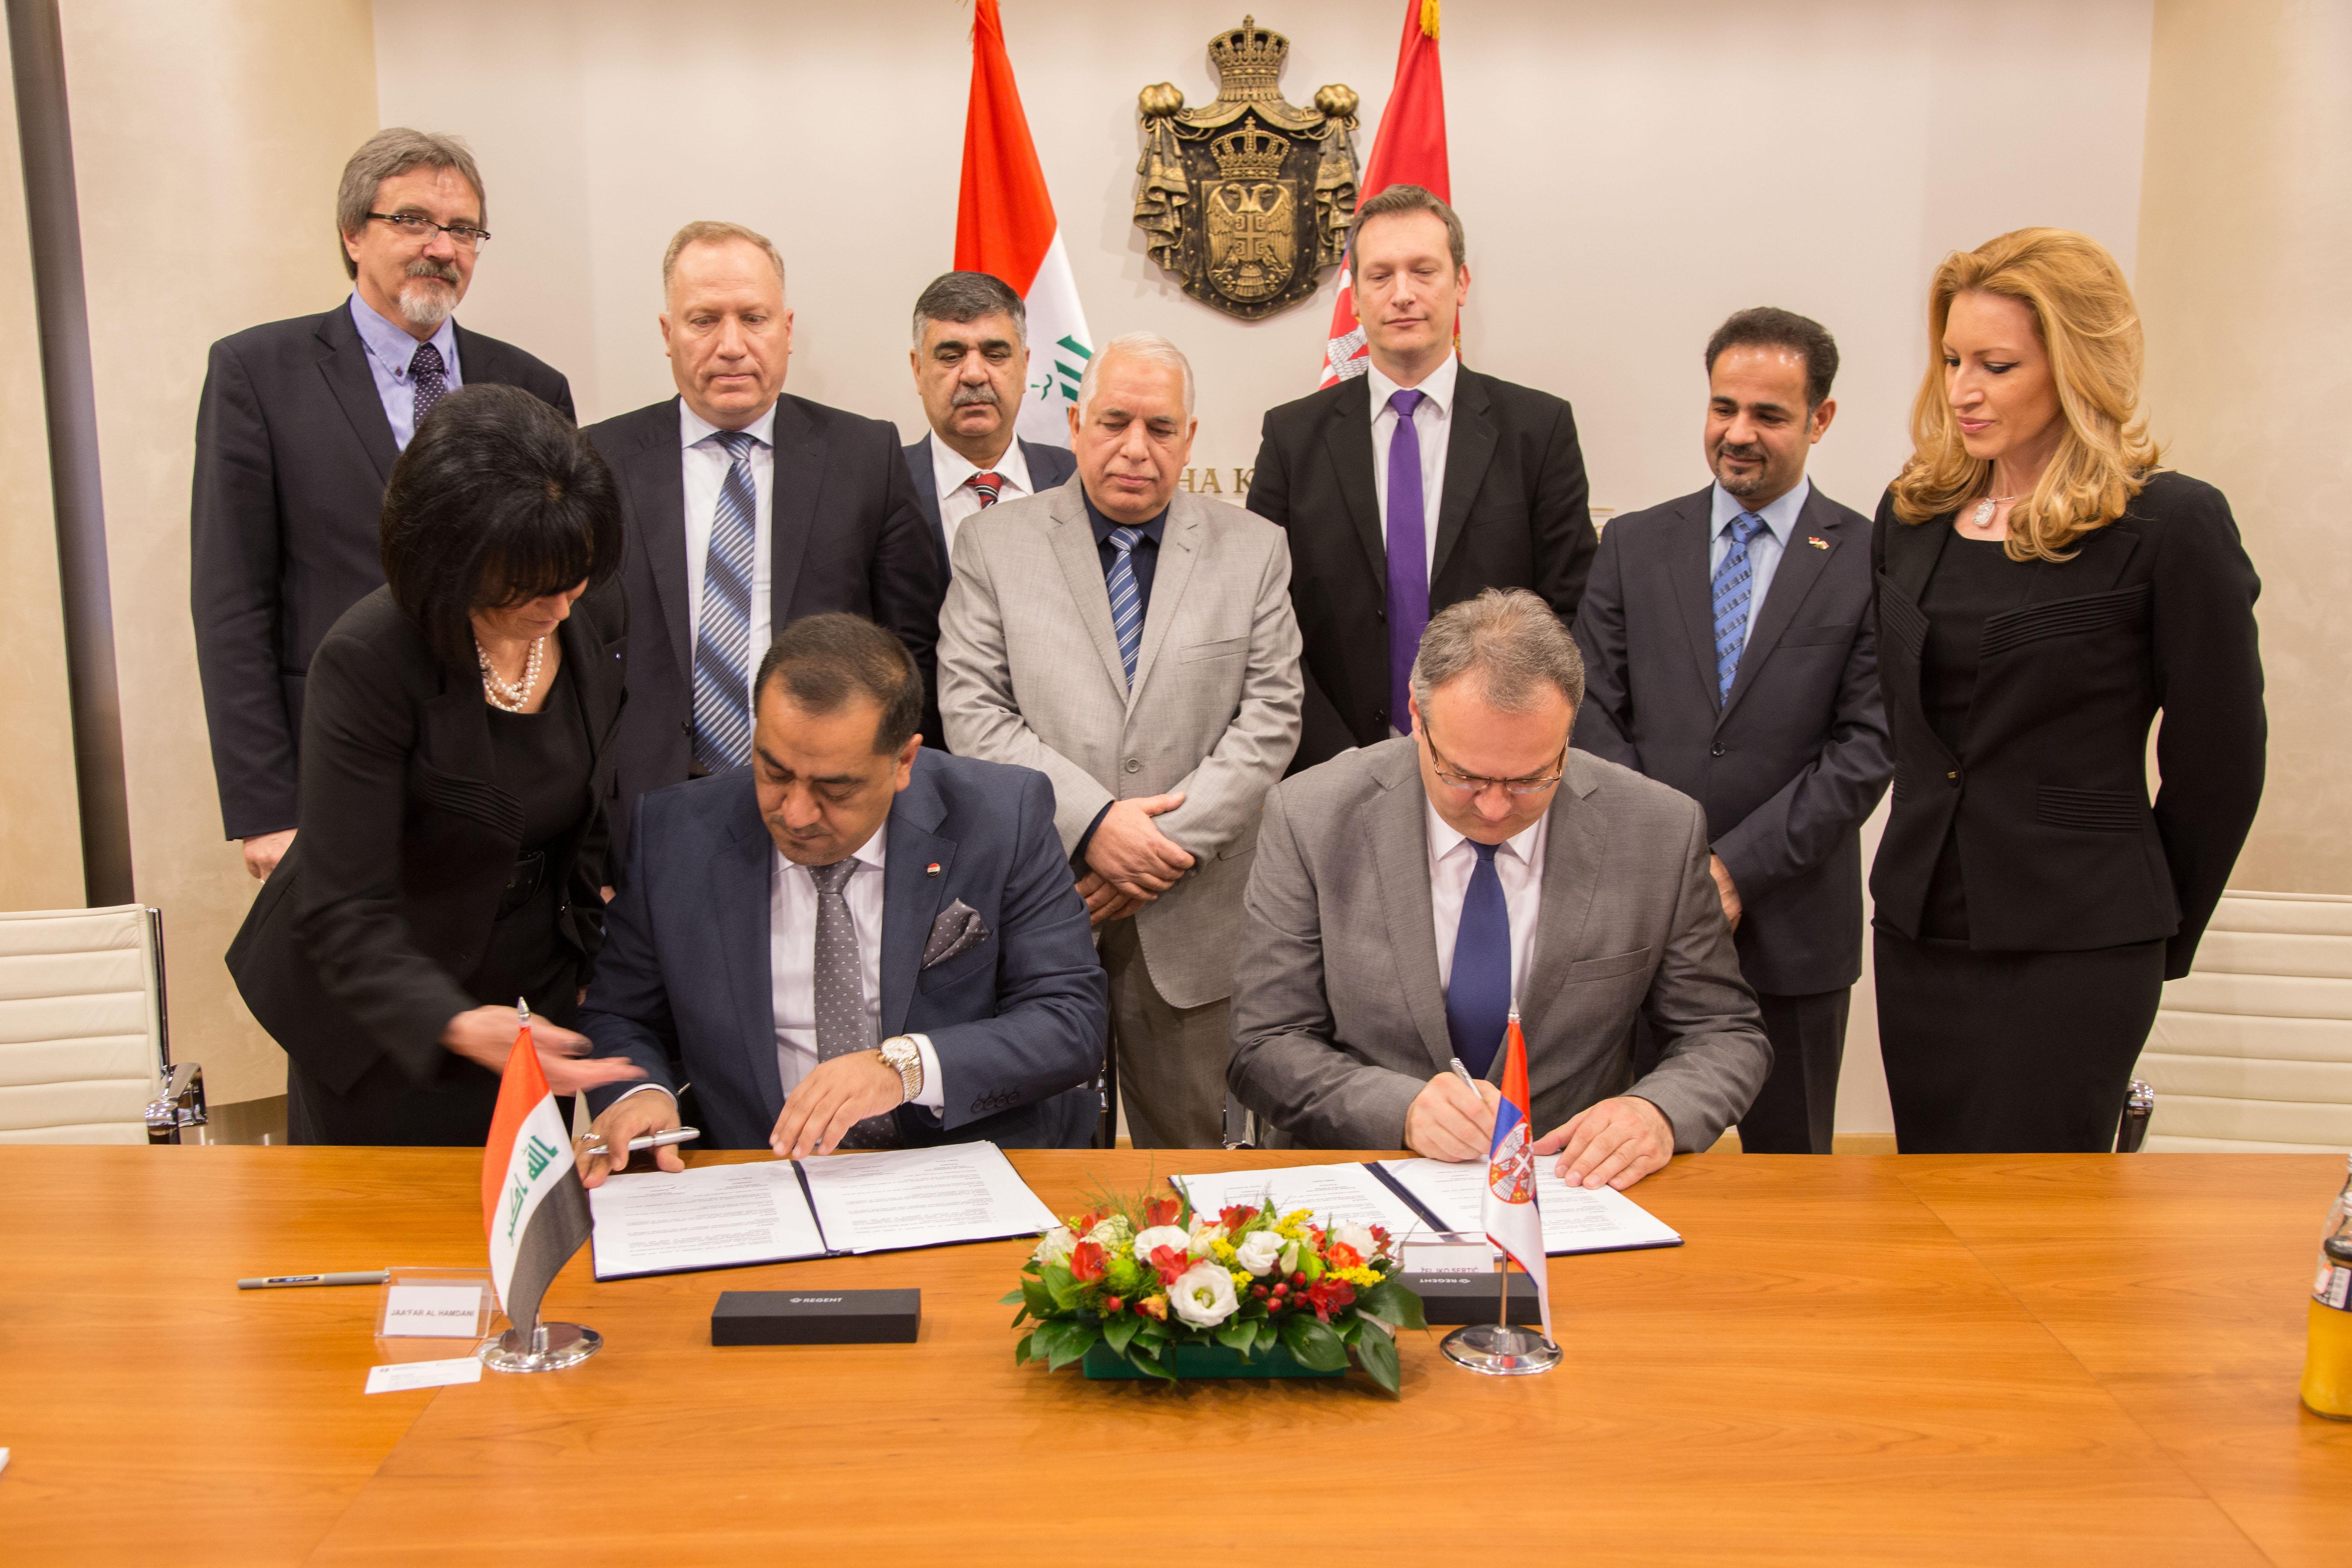 توقيع اتفاقية للتعاون المشترك بين العراق وصربيا